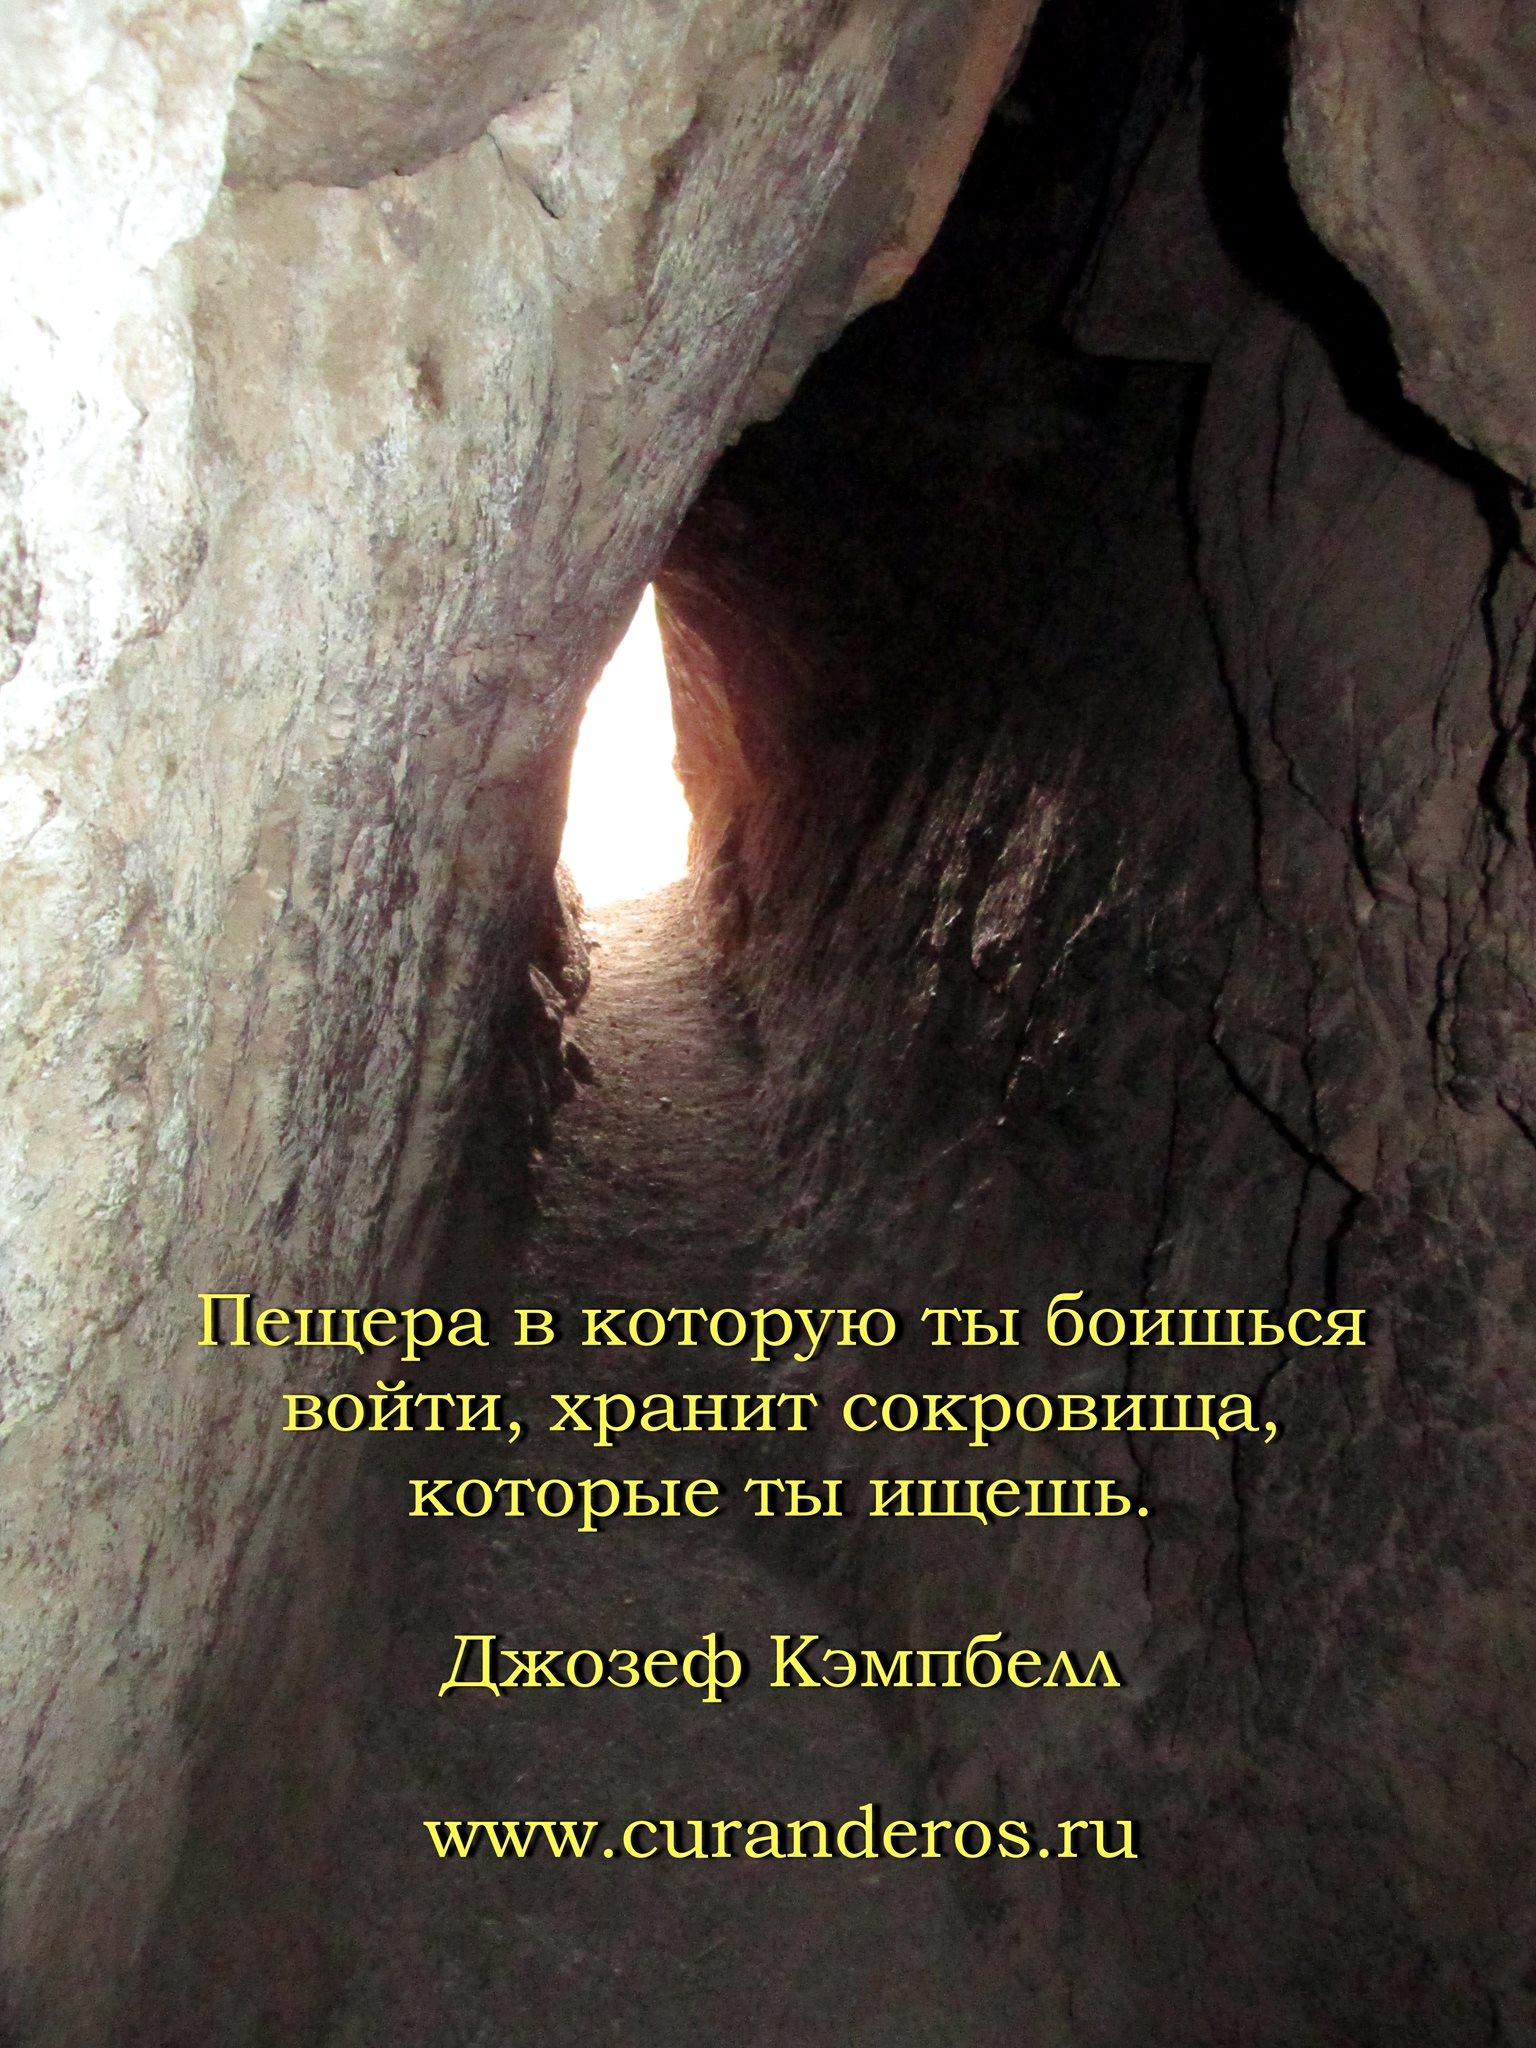 Пещера, в которую ты боишься войти, хранит сокровища, которые ты ищешь